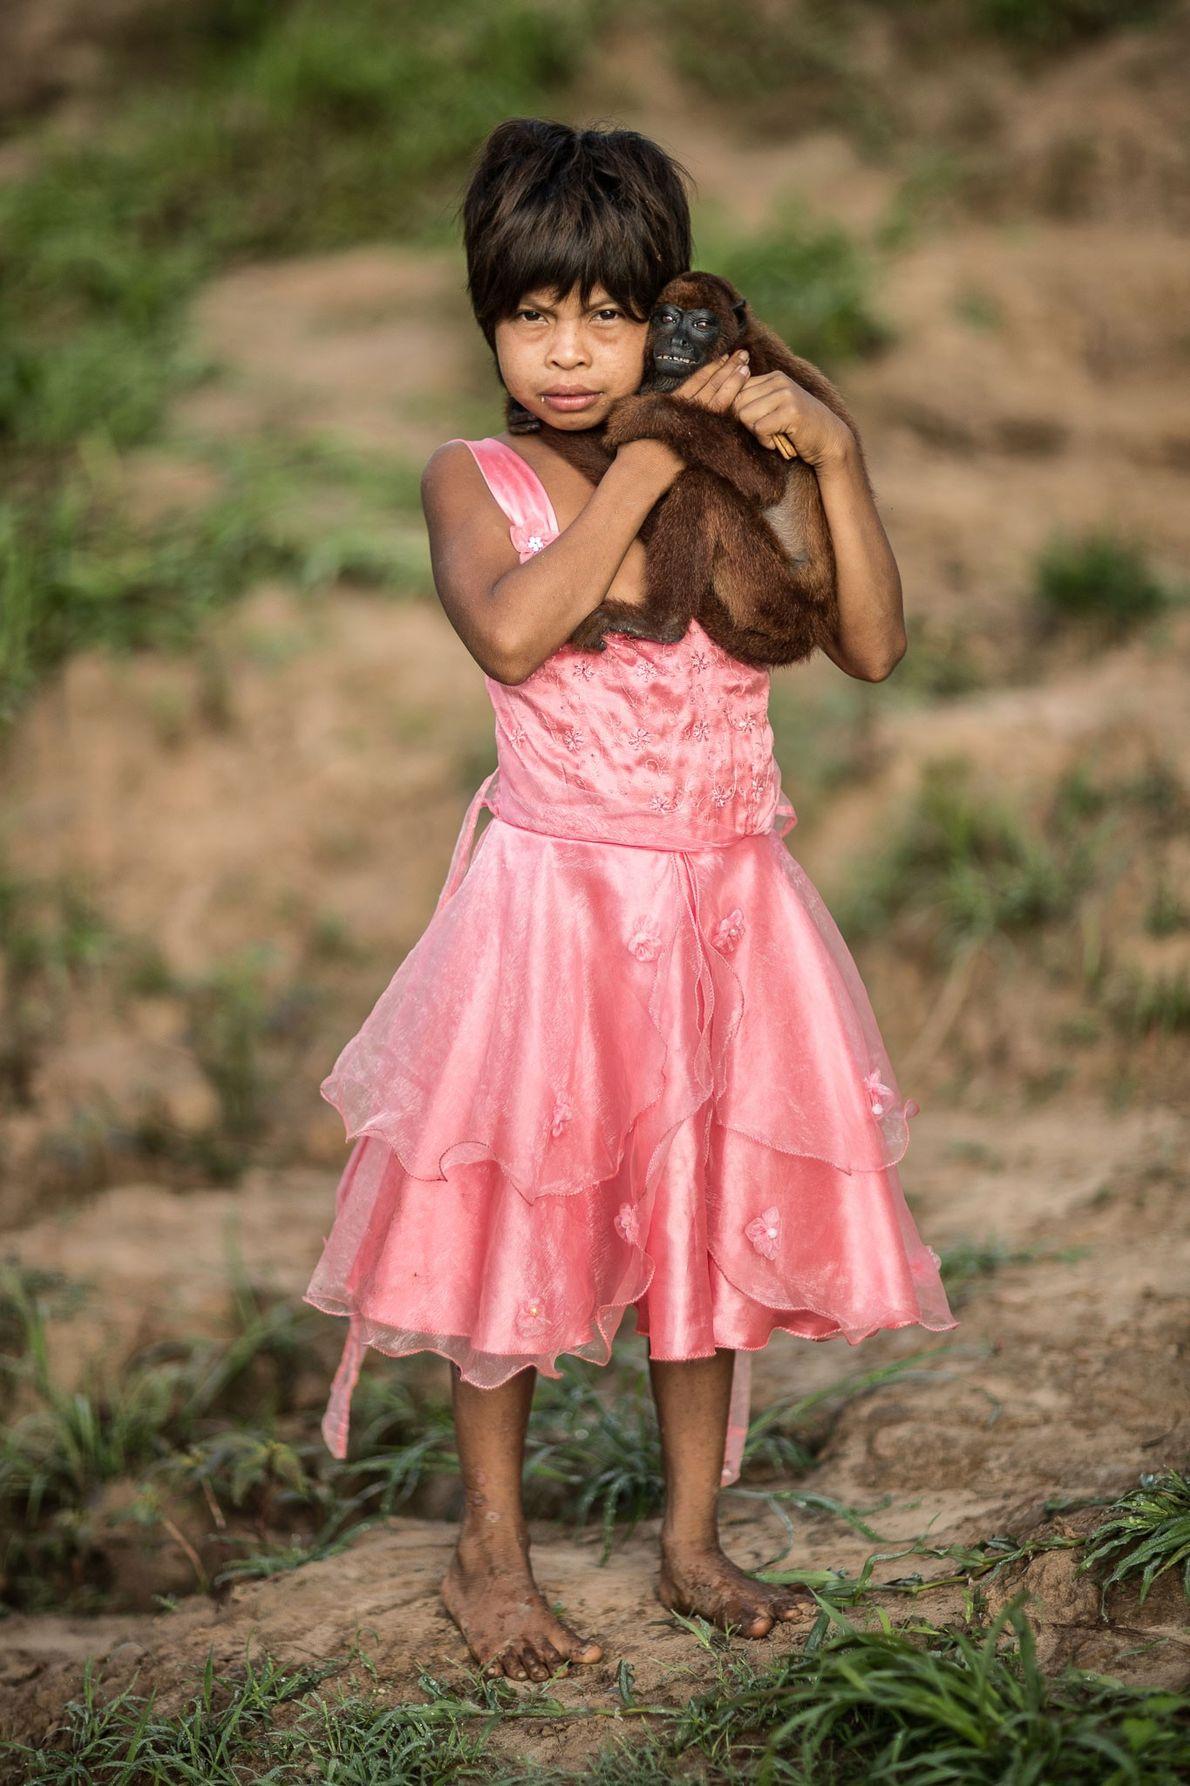 Miluska mit ihrem Brüllaffen. Miluska lebt am Rio Juruá in einem der abgelegensten Gebiete des peruanischen ...